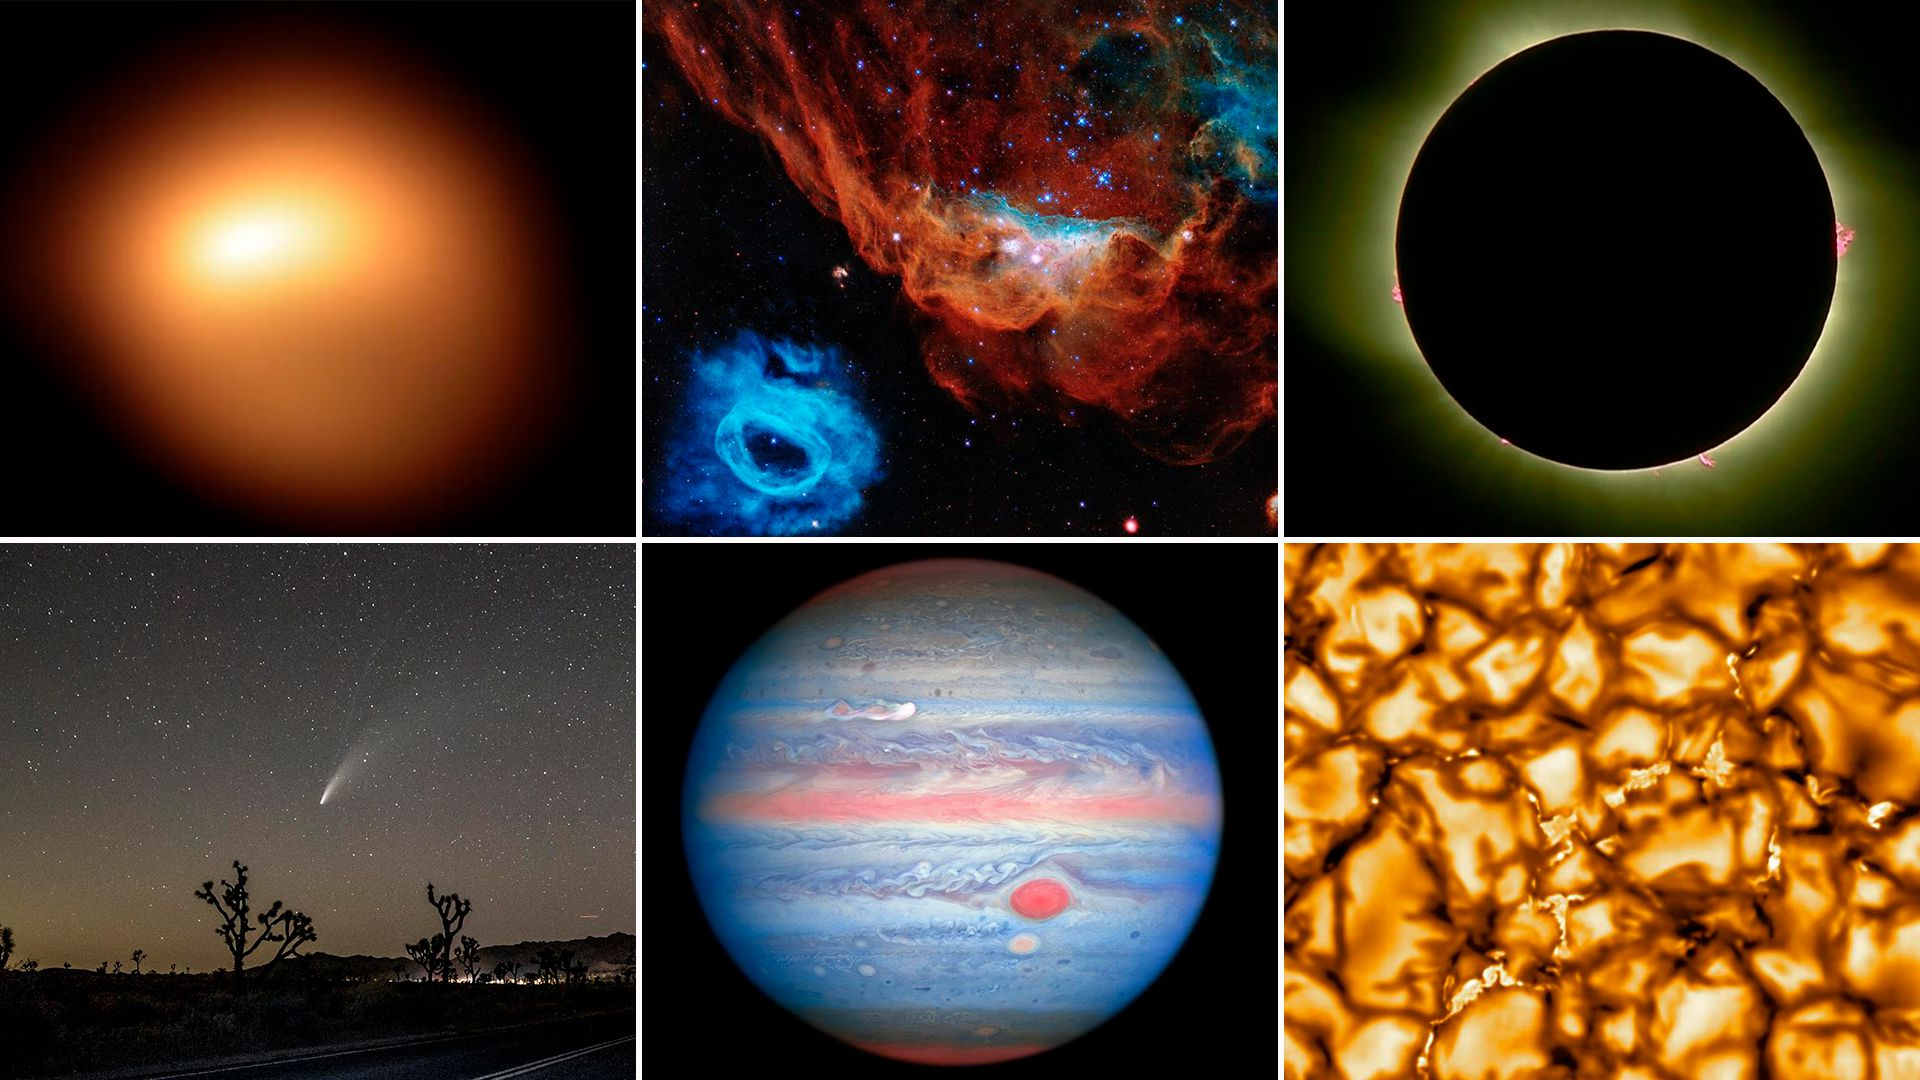 Las mejores fotos espaciales de 2020